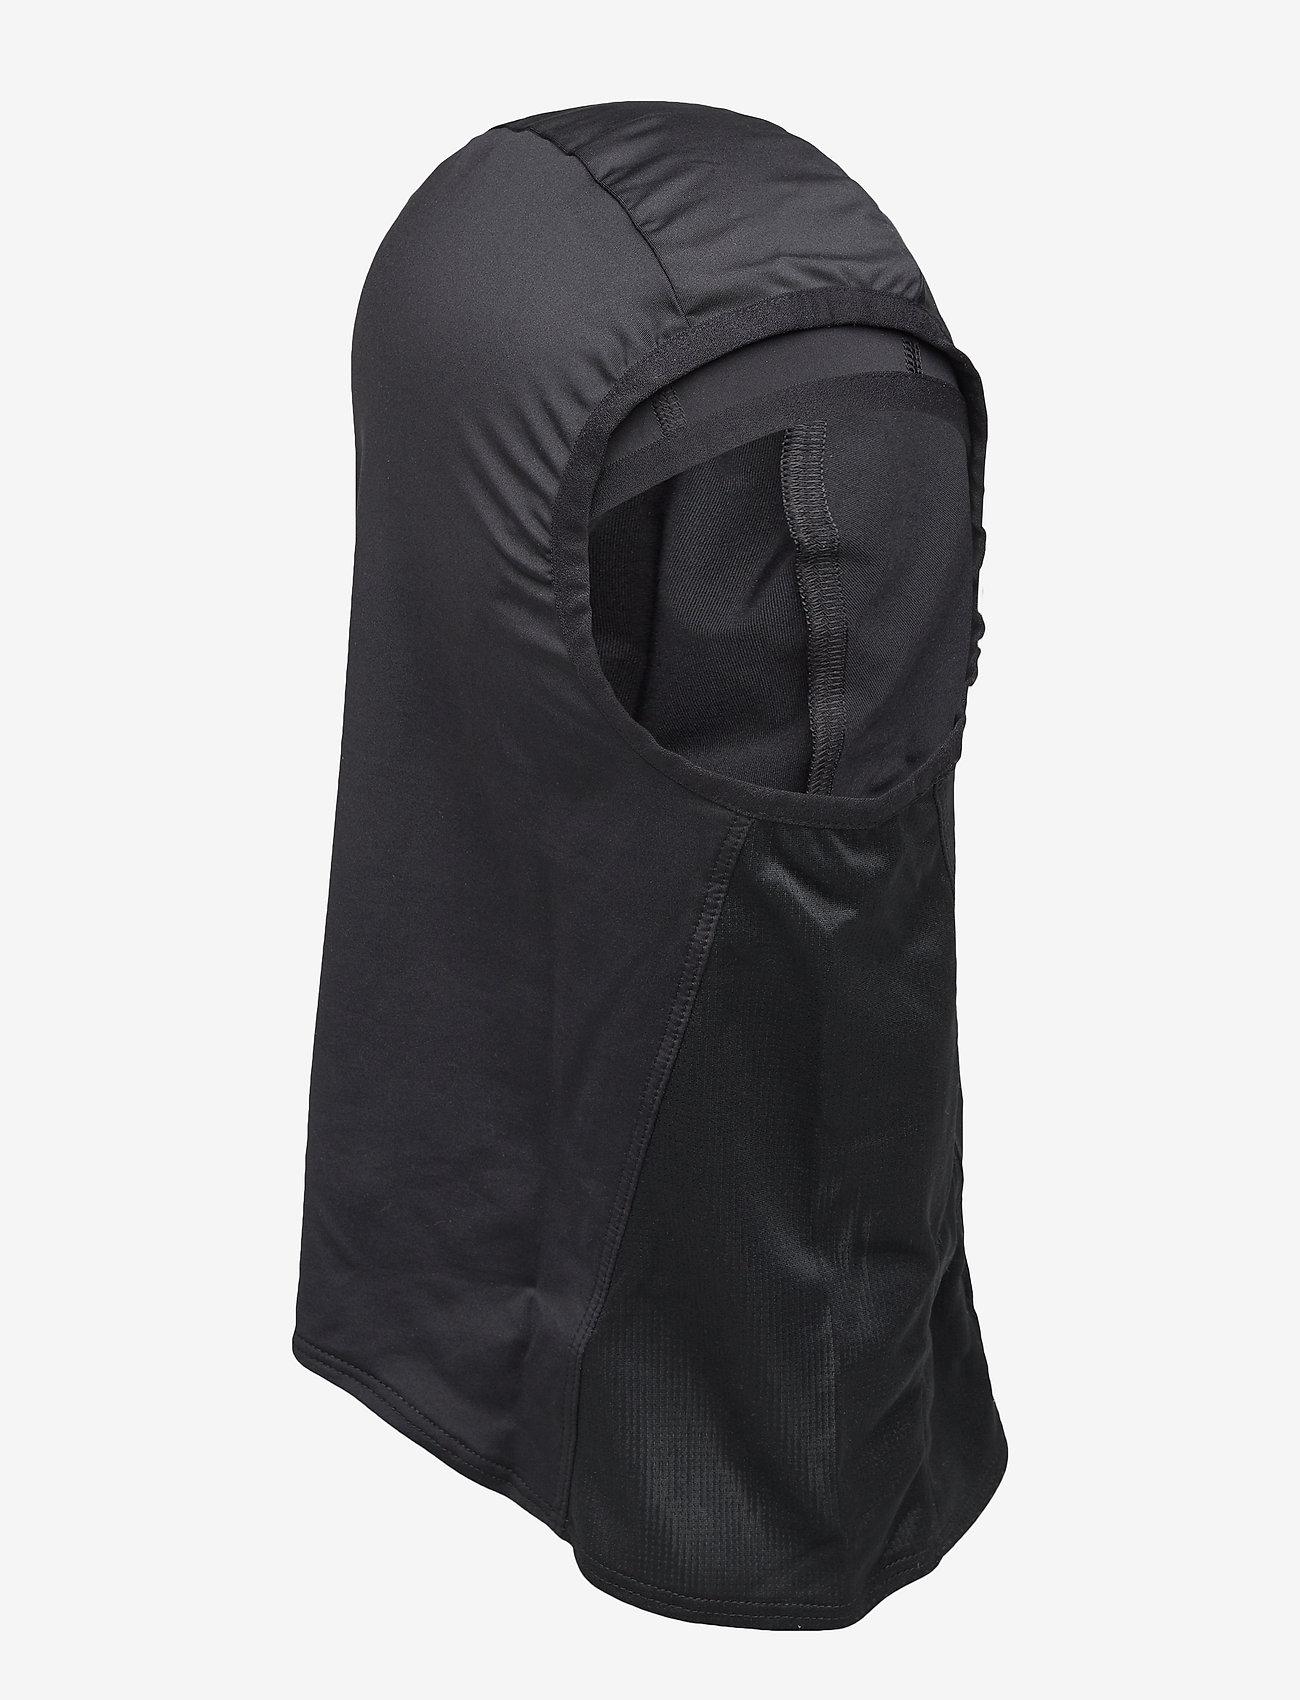 adidas Performance - ADIDAS HIJAB II - hatte - black - 0